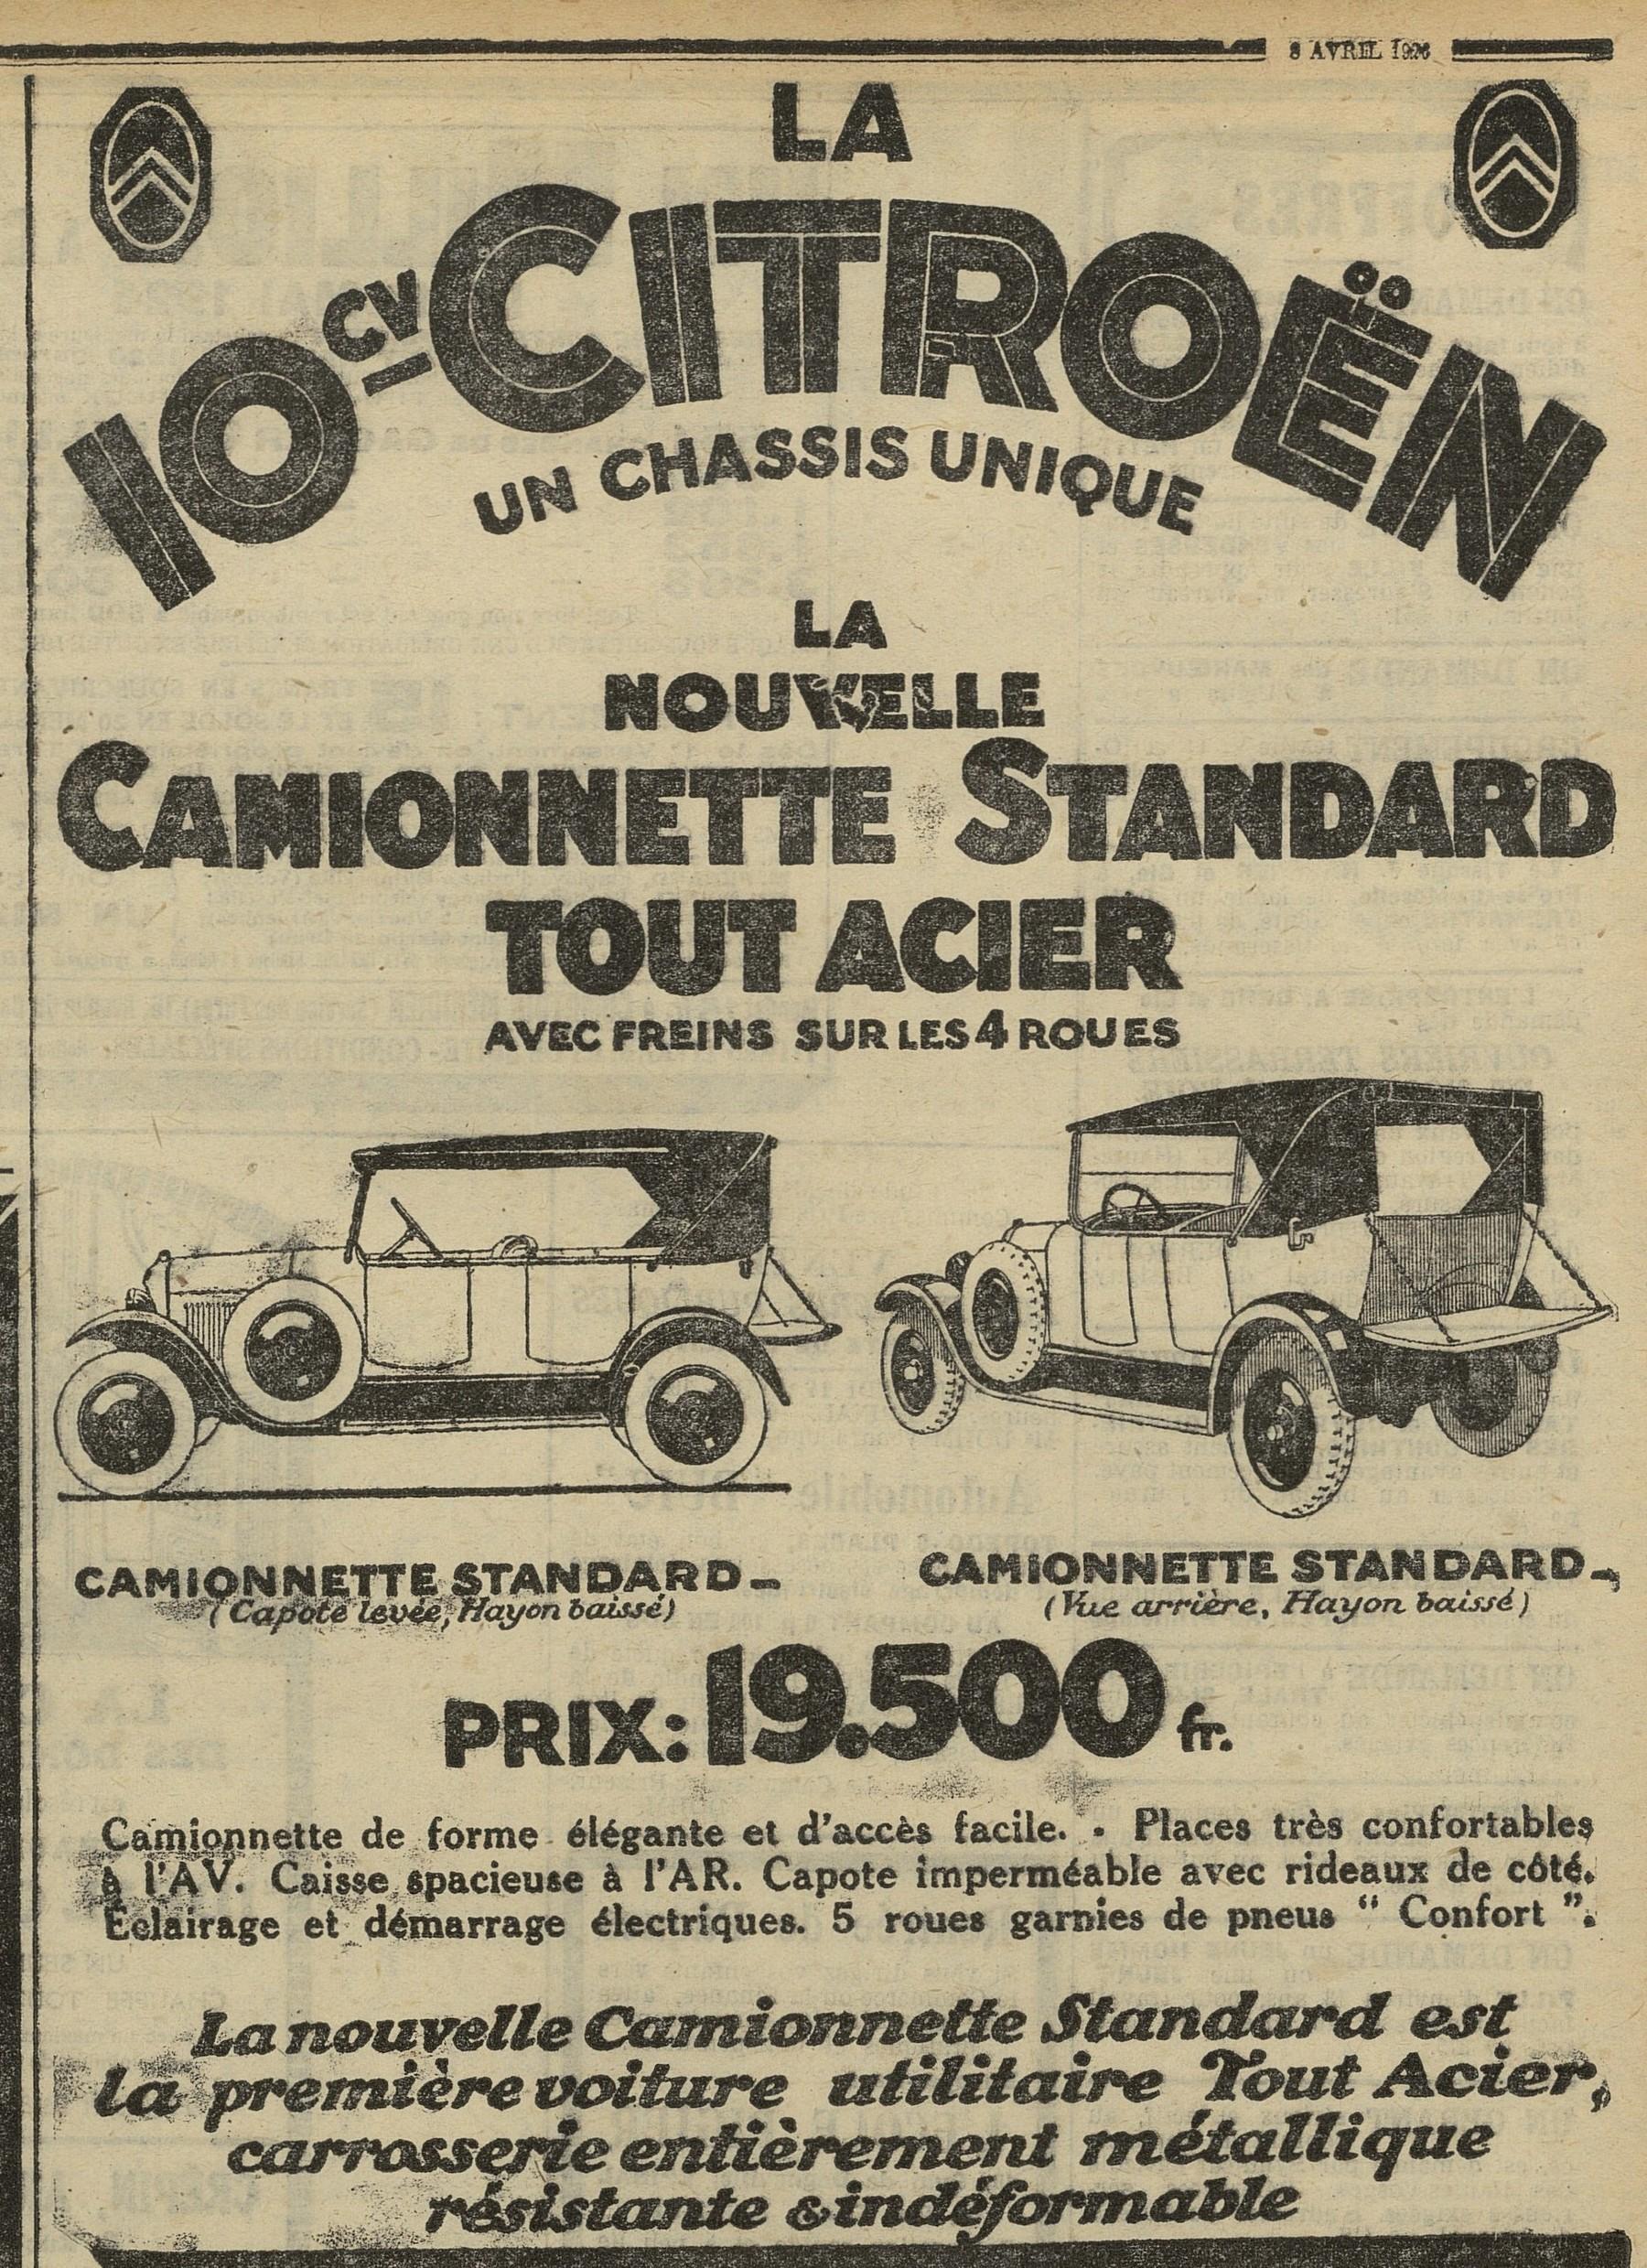 Contenu du 10 CV Citroën